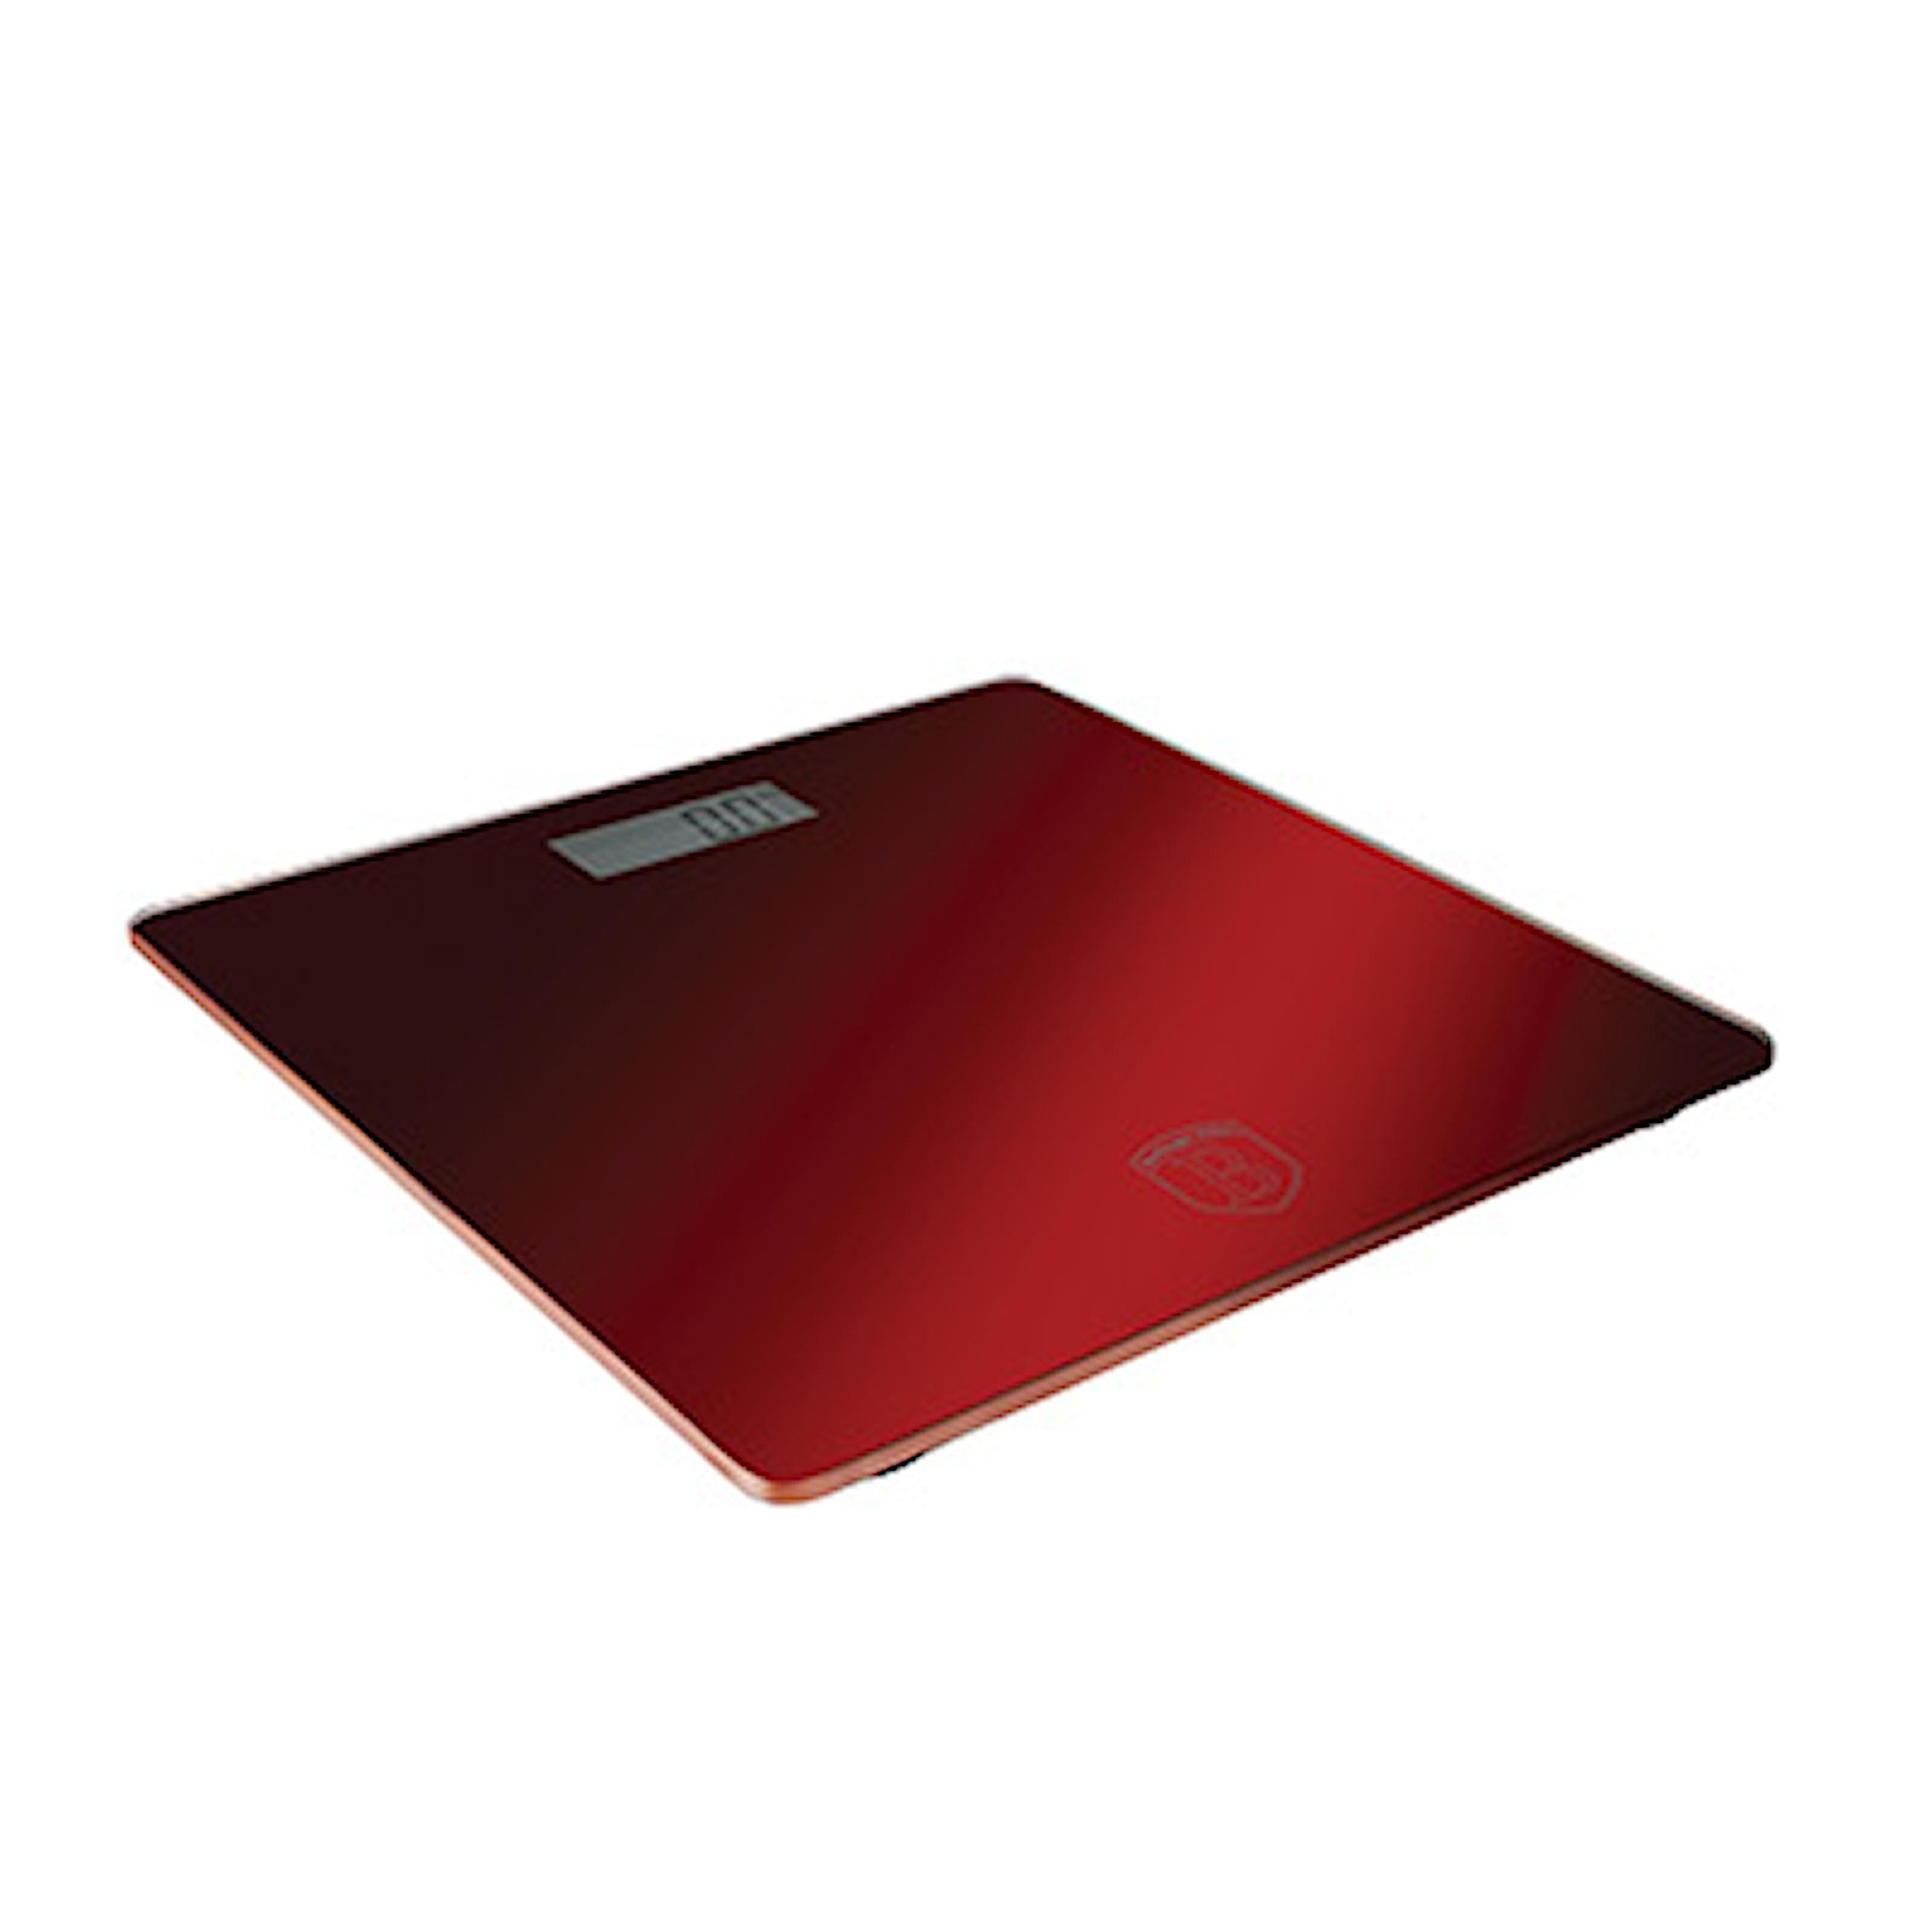 Burgundy Metallic, Digital Bathroom Scale, Capacity 150 kg, Digital badrumsvåg, ,